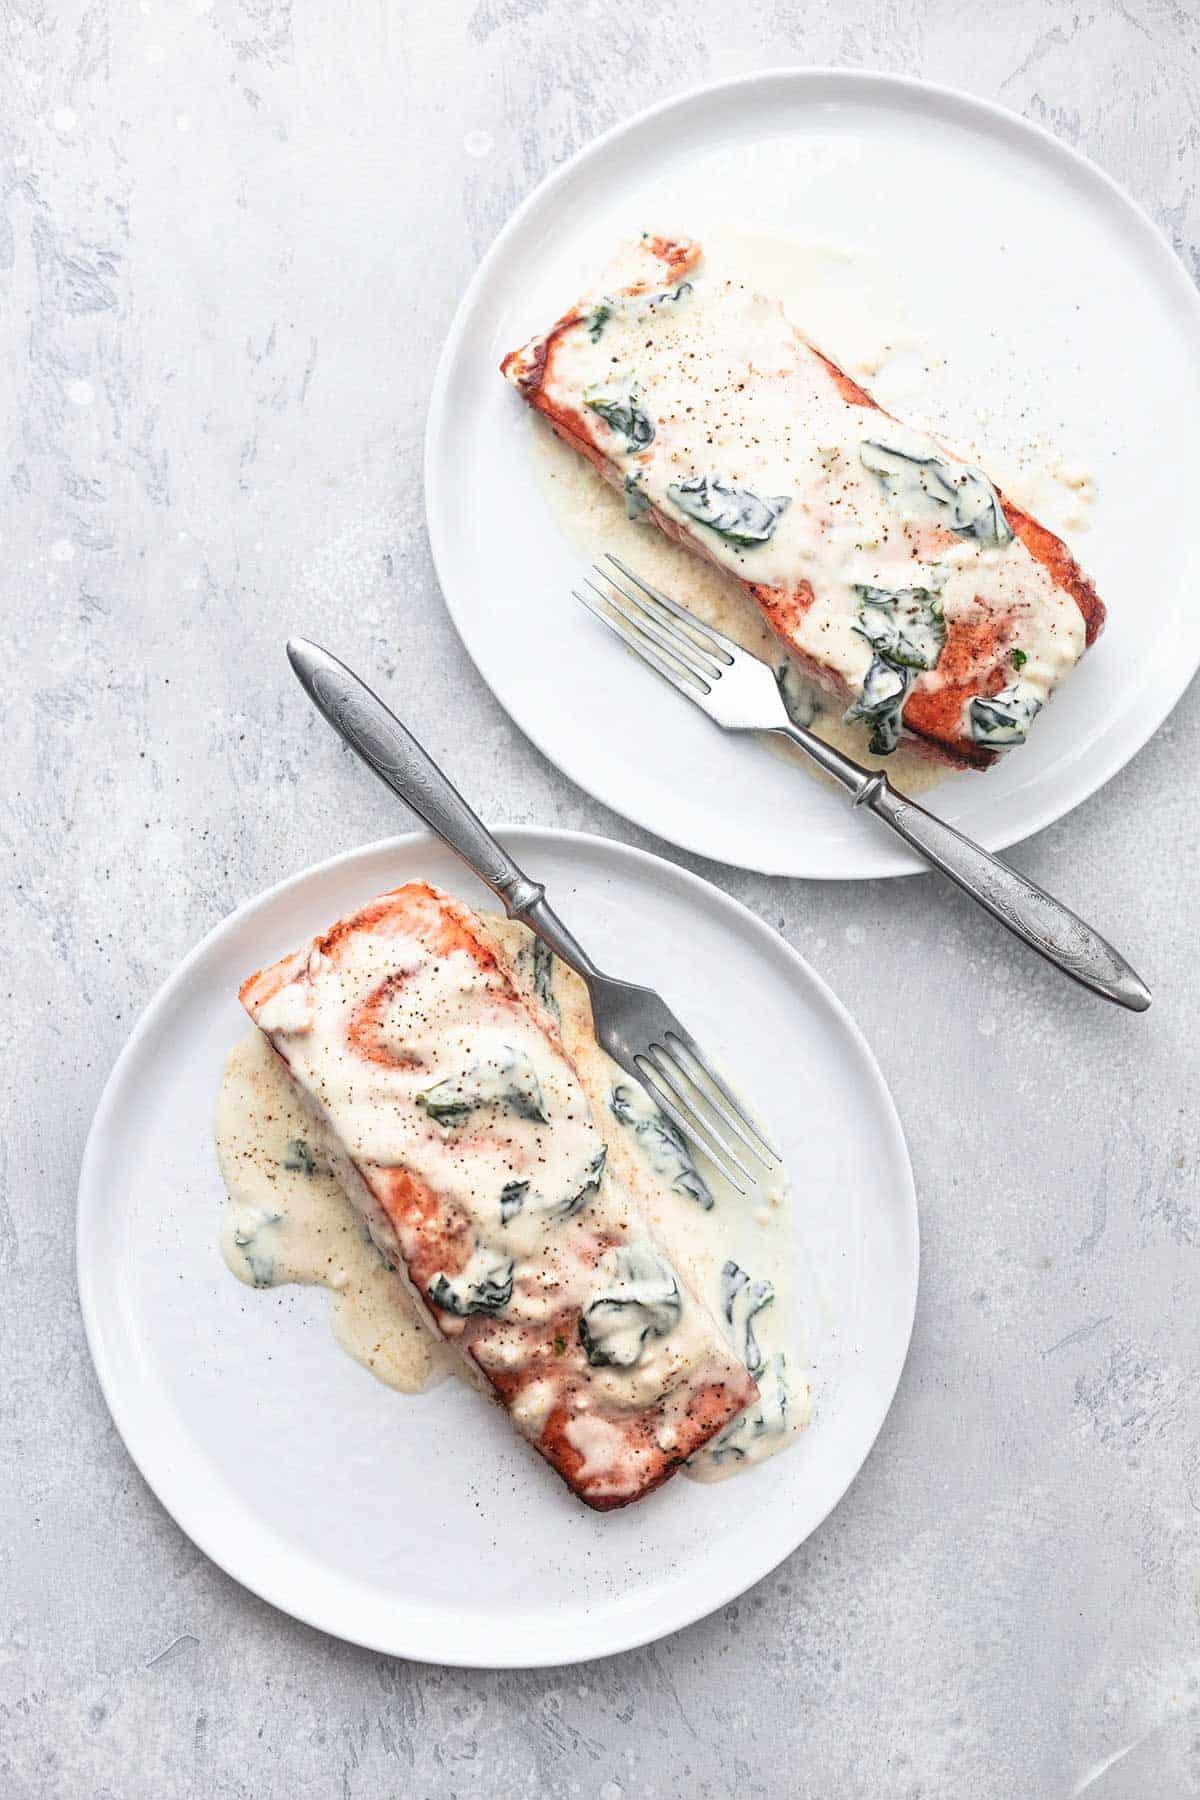 Lachs Florentiner mit einer Gabel auf zwei Tellern